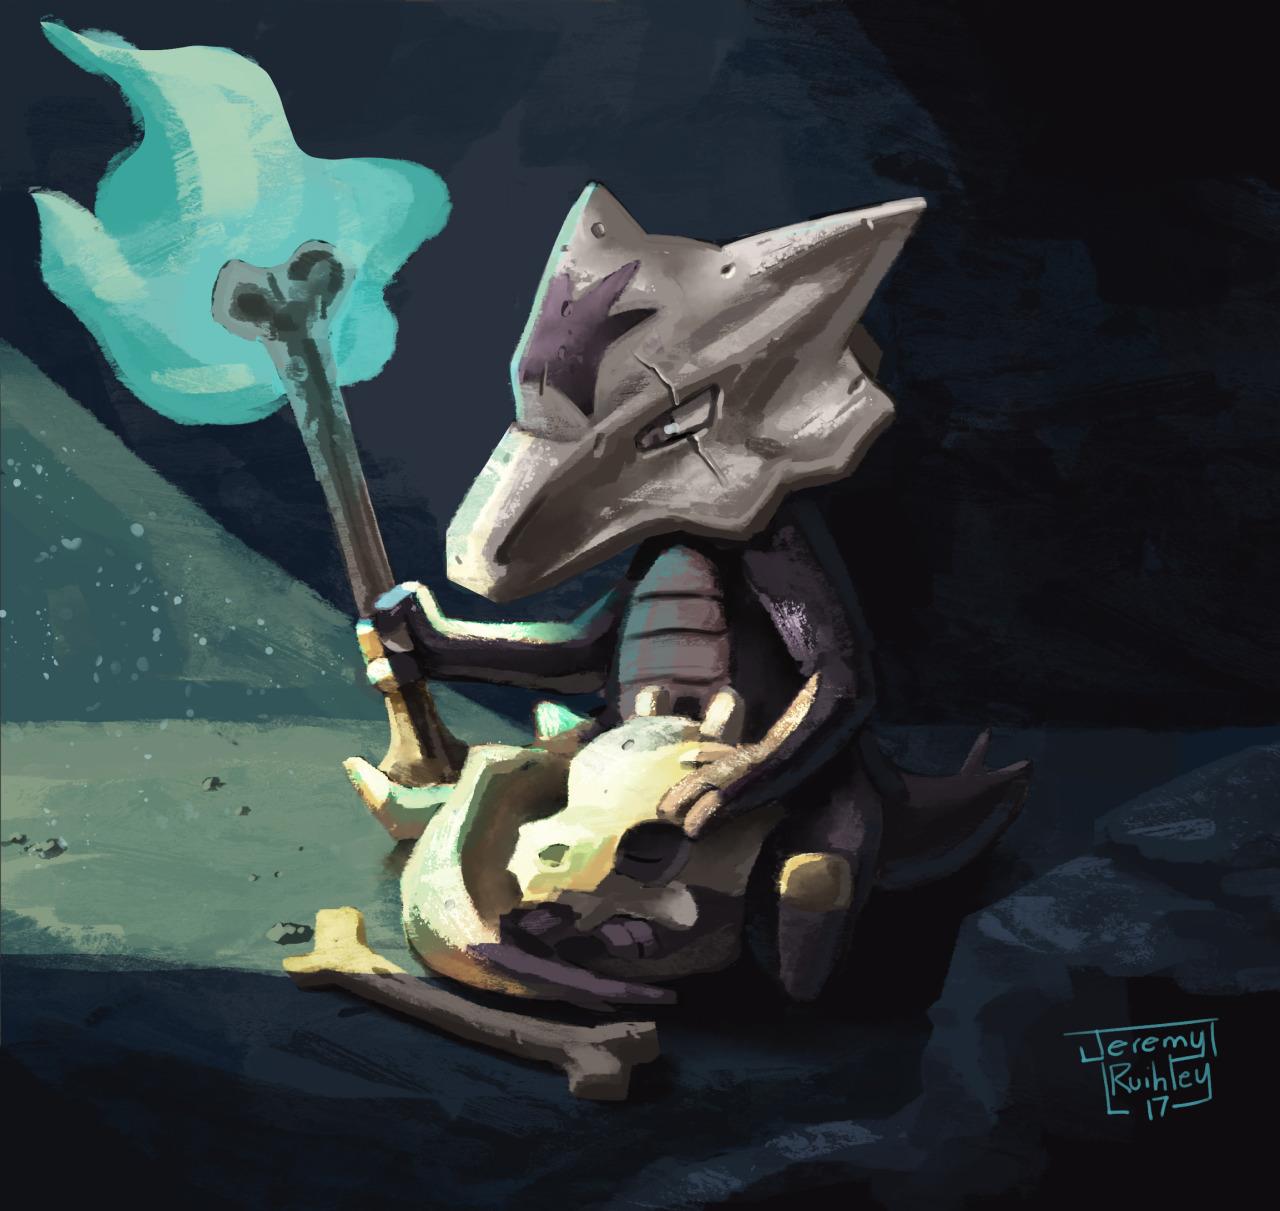 Pokémons desenhados por Jeremy Ruihley